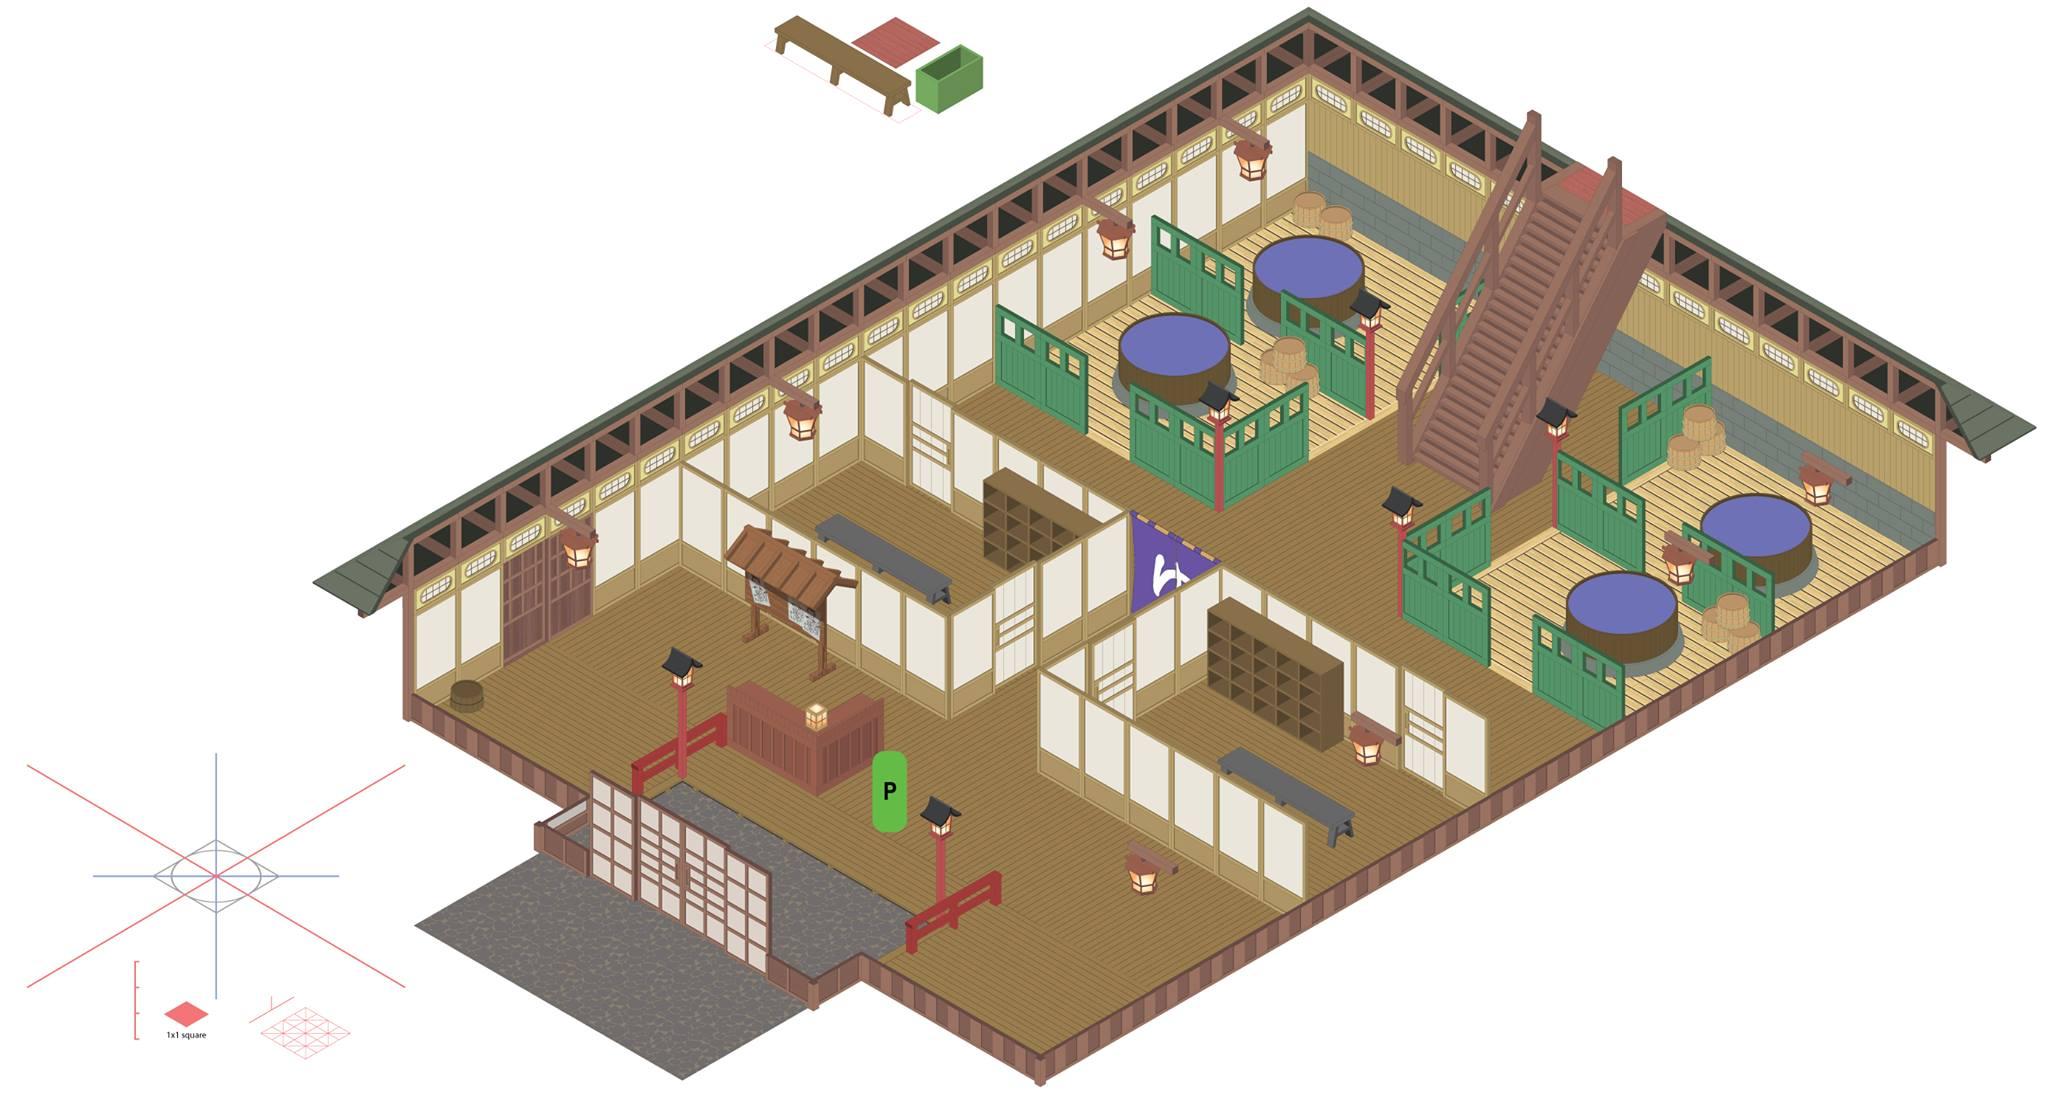 onsen-master-game-onsendesign-2.jpg